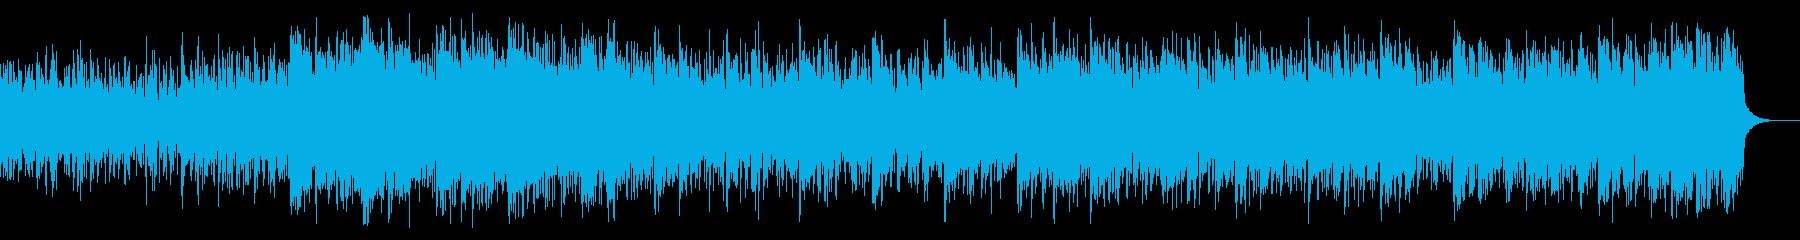 不気味なテクスチャIDMの再生済みの波形